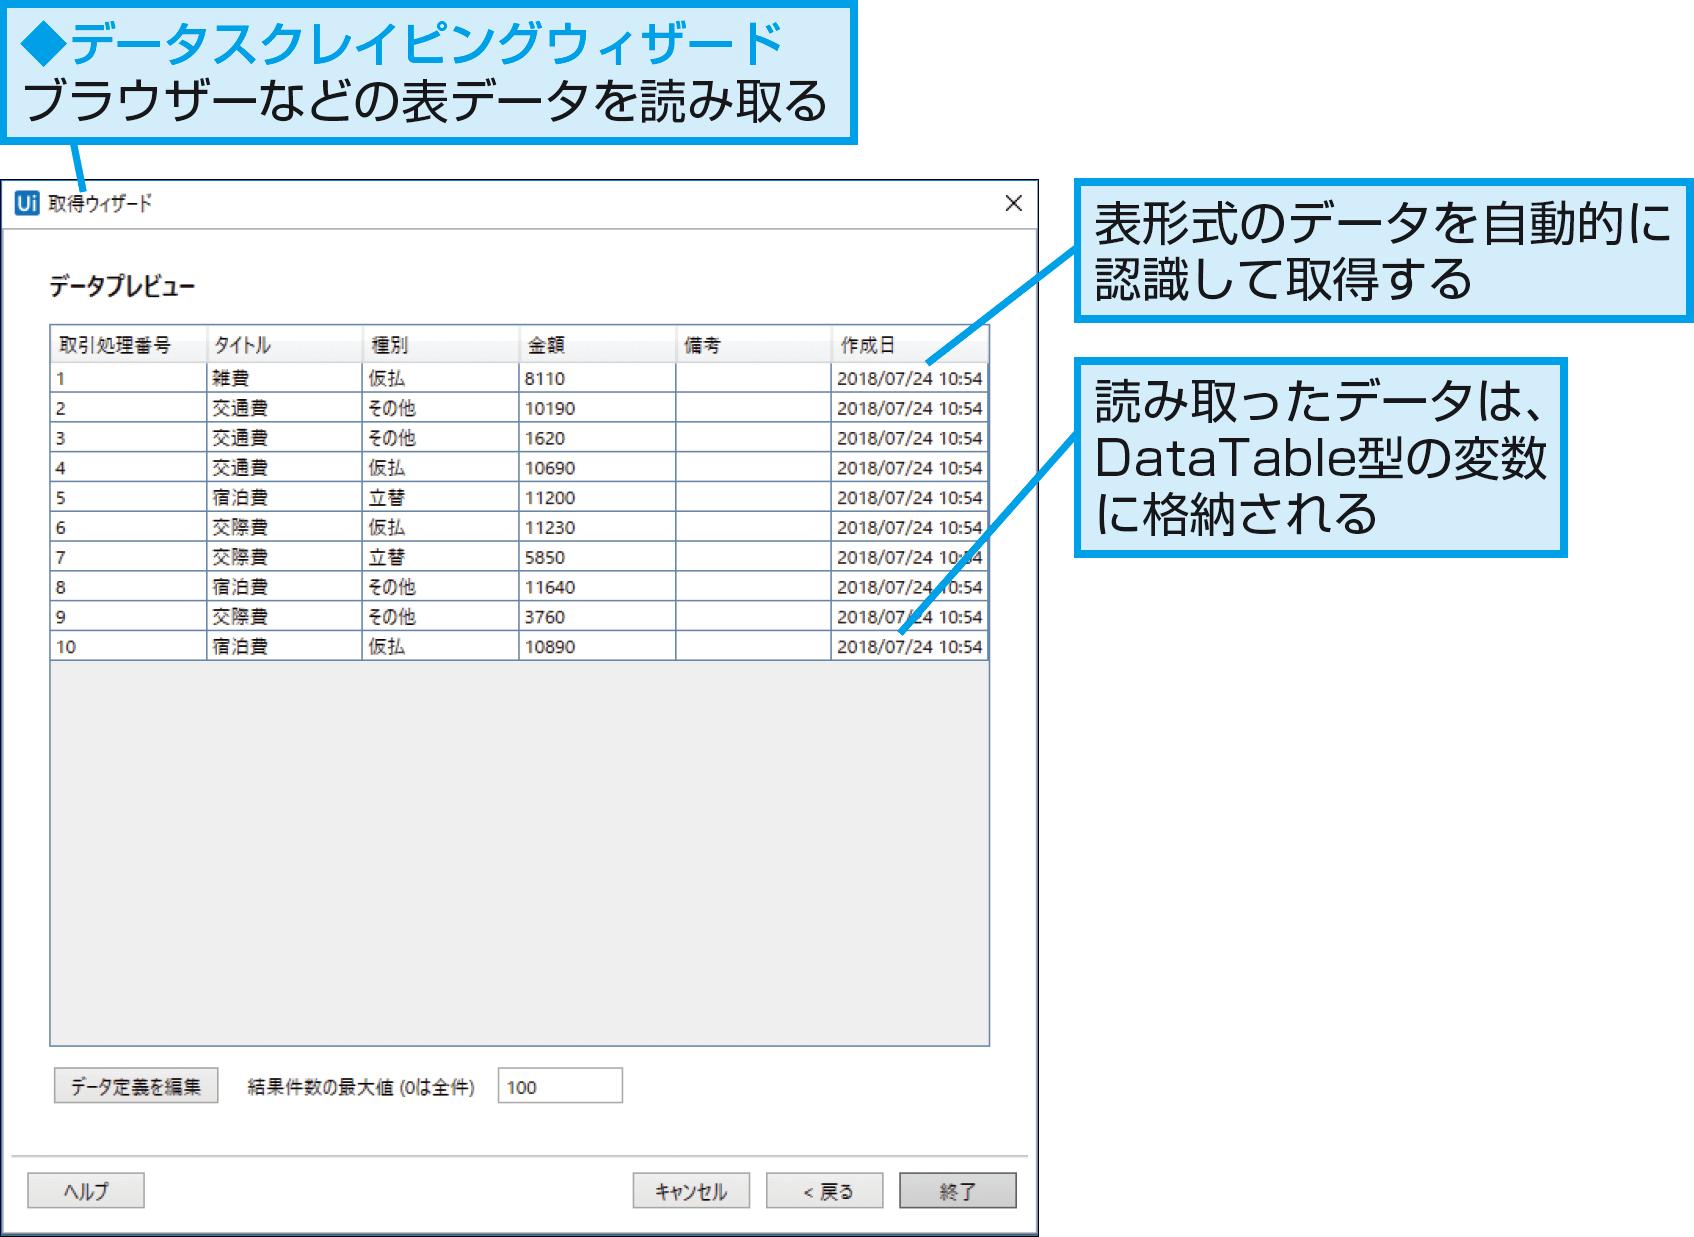 Webページから表データを読み取るには(データスクレイピング) - できるUiPath